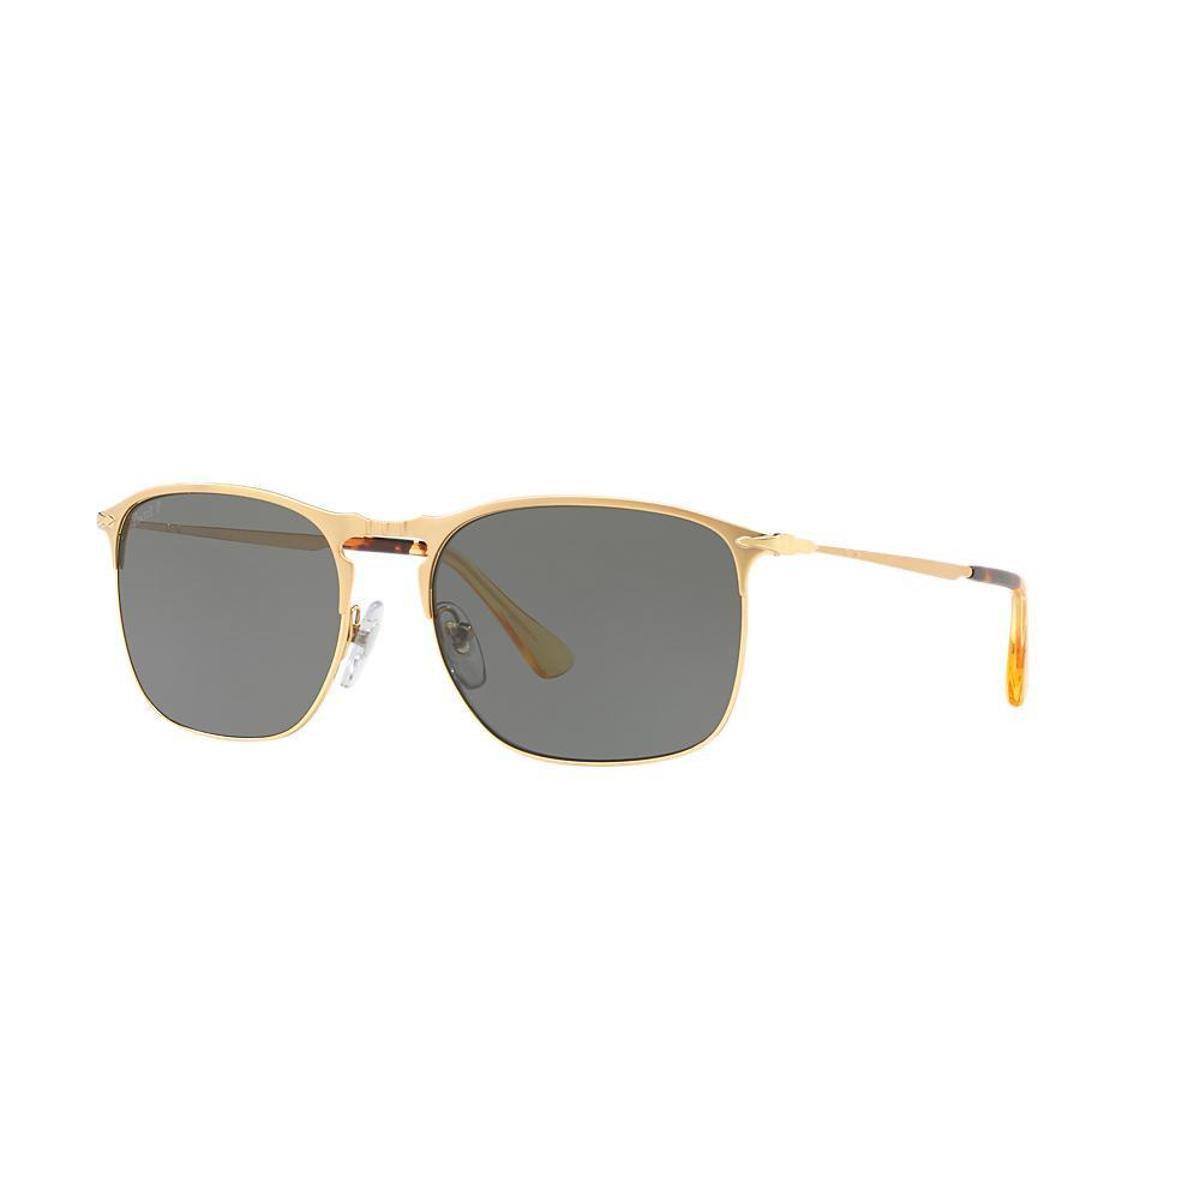 Óculos de Sol Persol Piloto PO7359S Masculino - Dourado e Preto ... f3c130449b